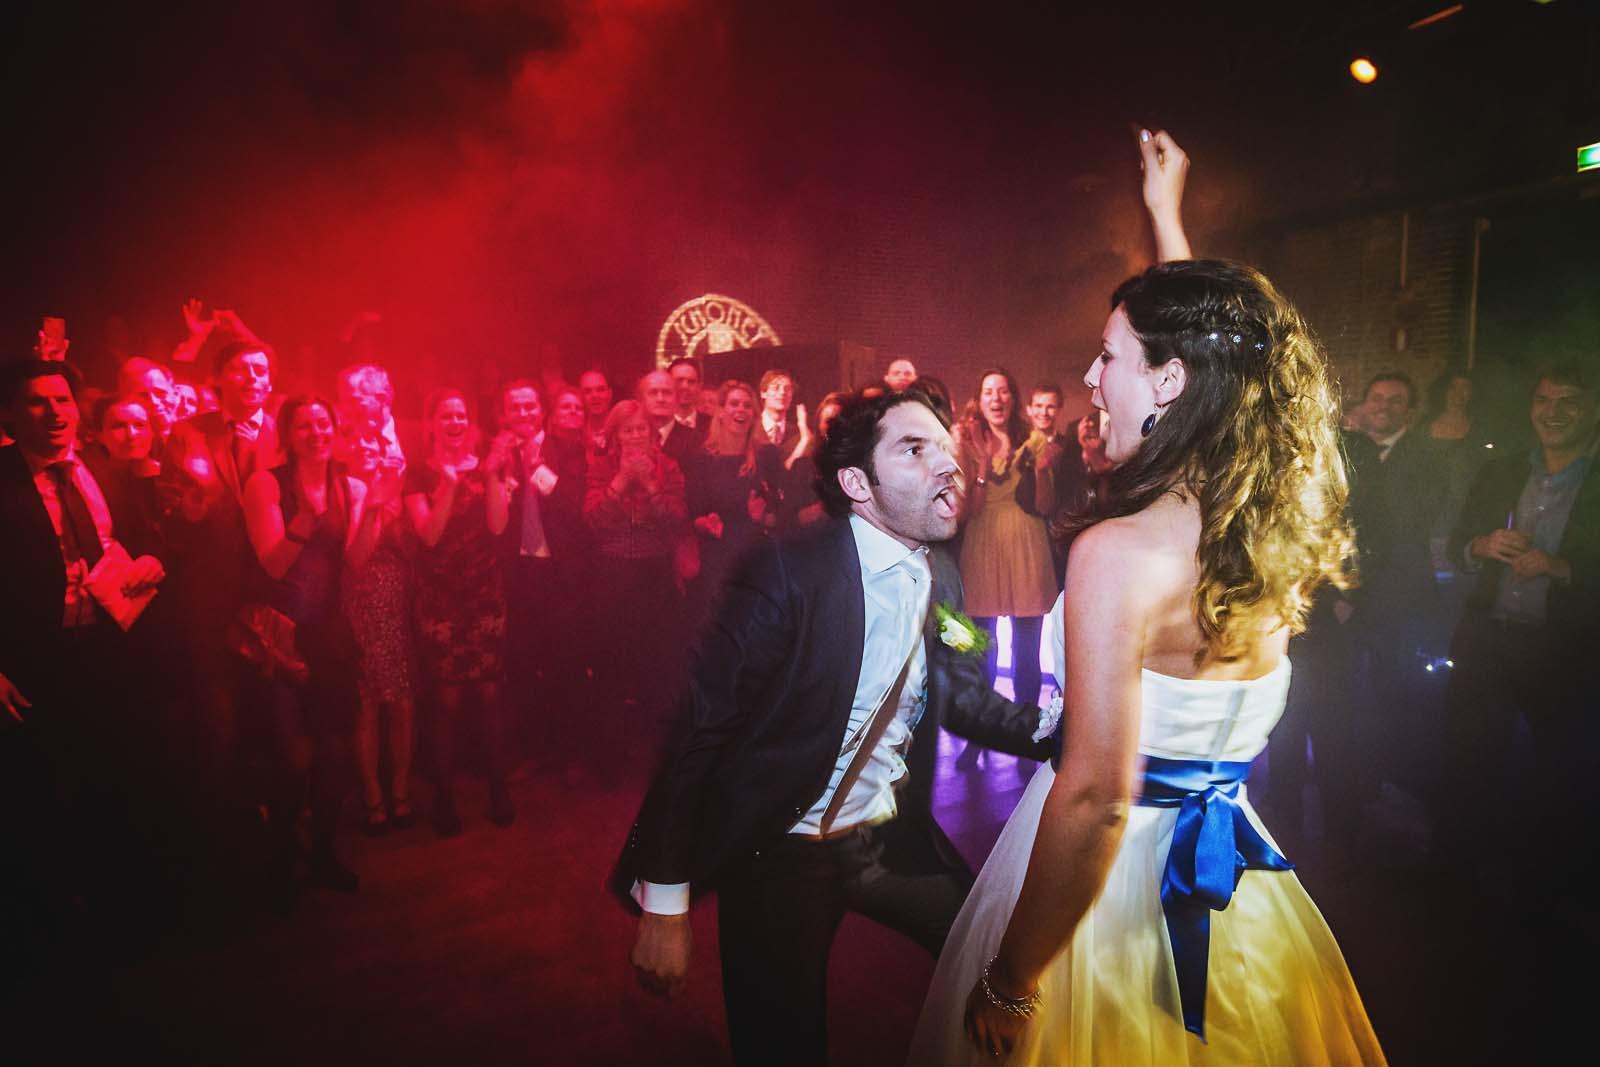 Brautpaar jubelt beim Tanz Hochzeitsfotograf Berlin Copyright by Hochzeitsfotograf www.berliner-hochzeitsfotografie.de